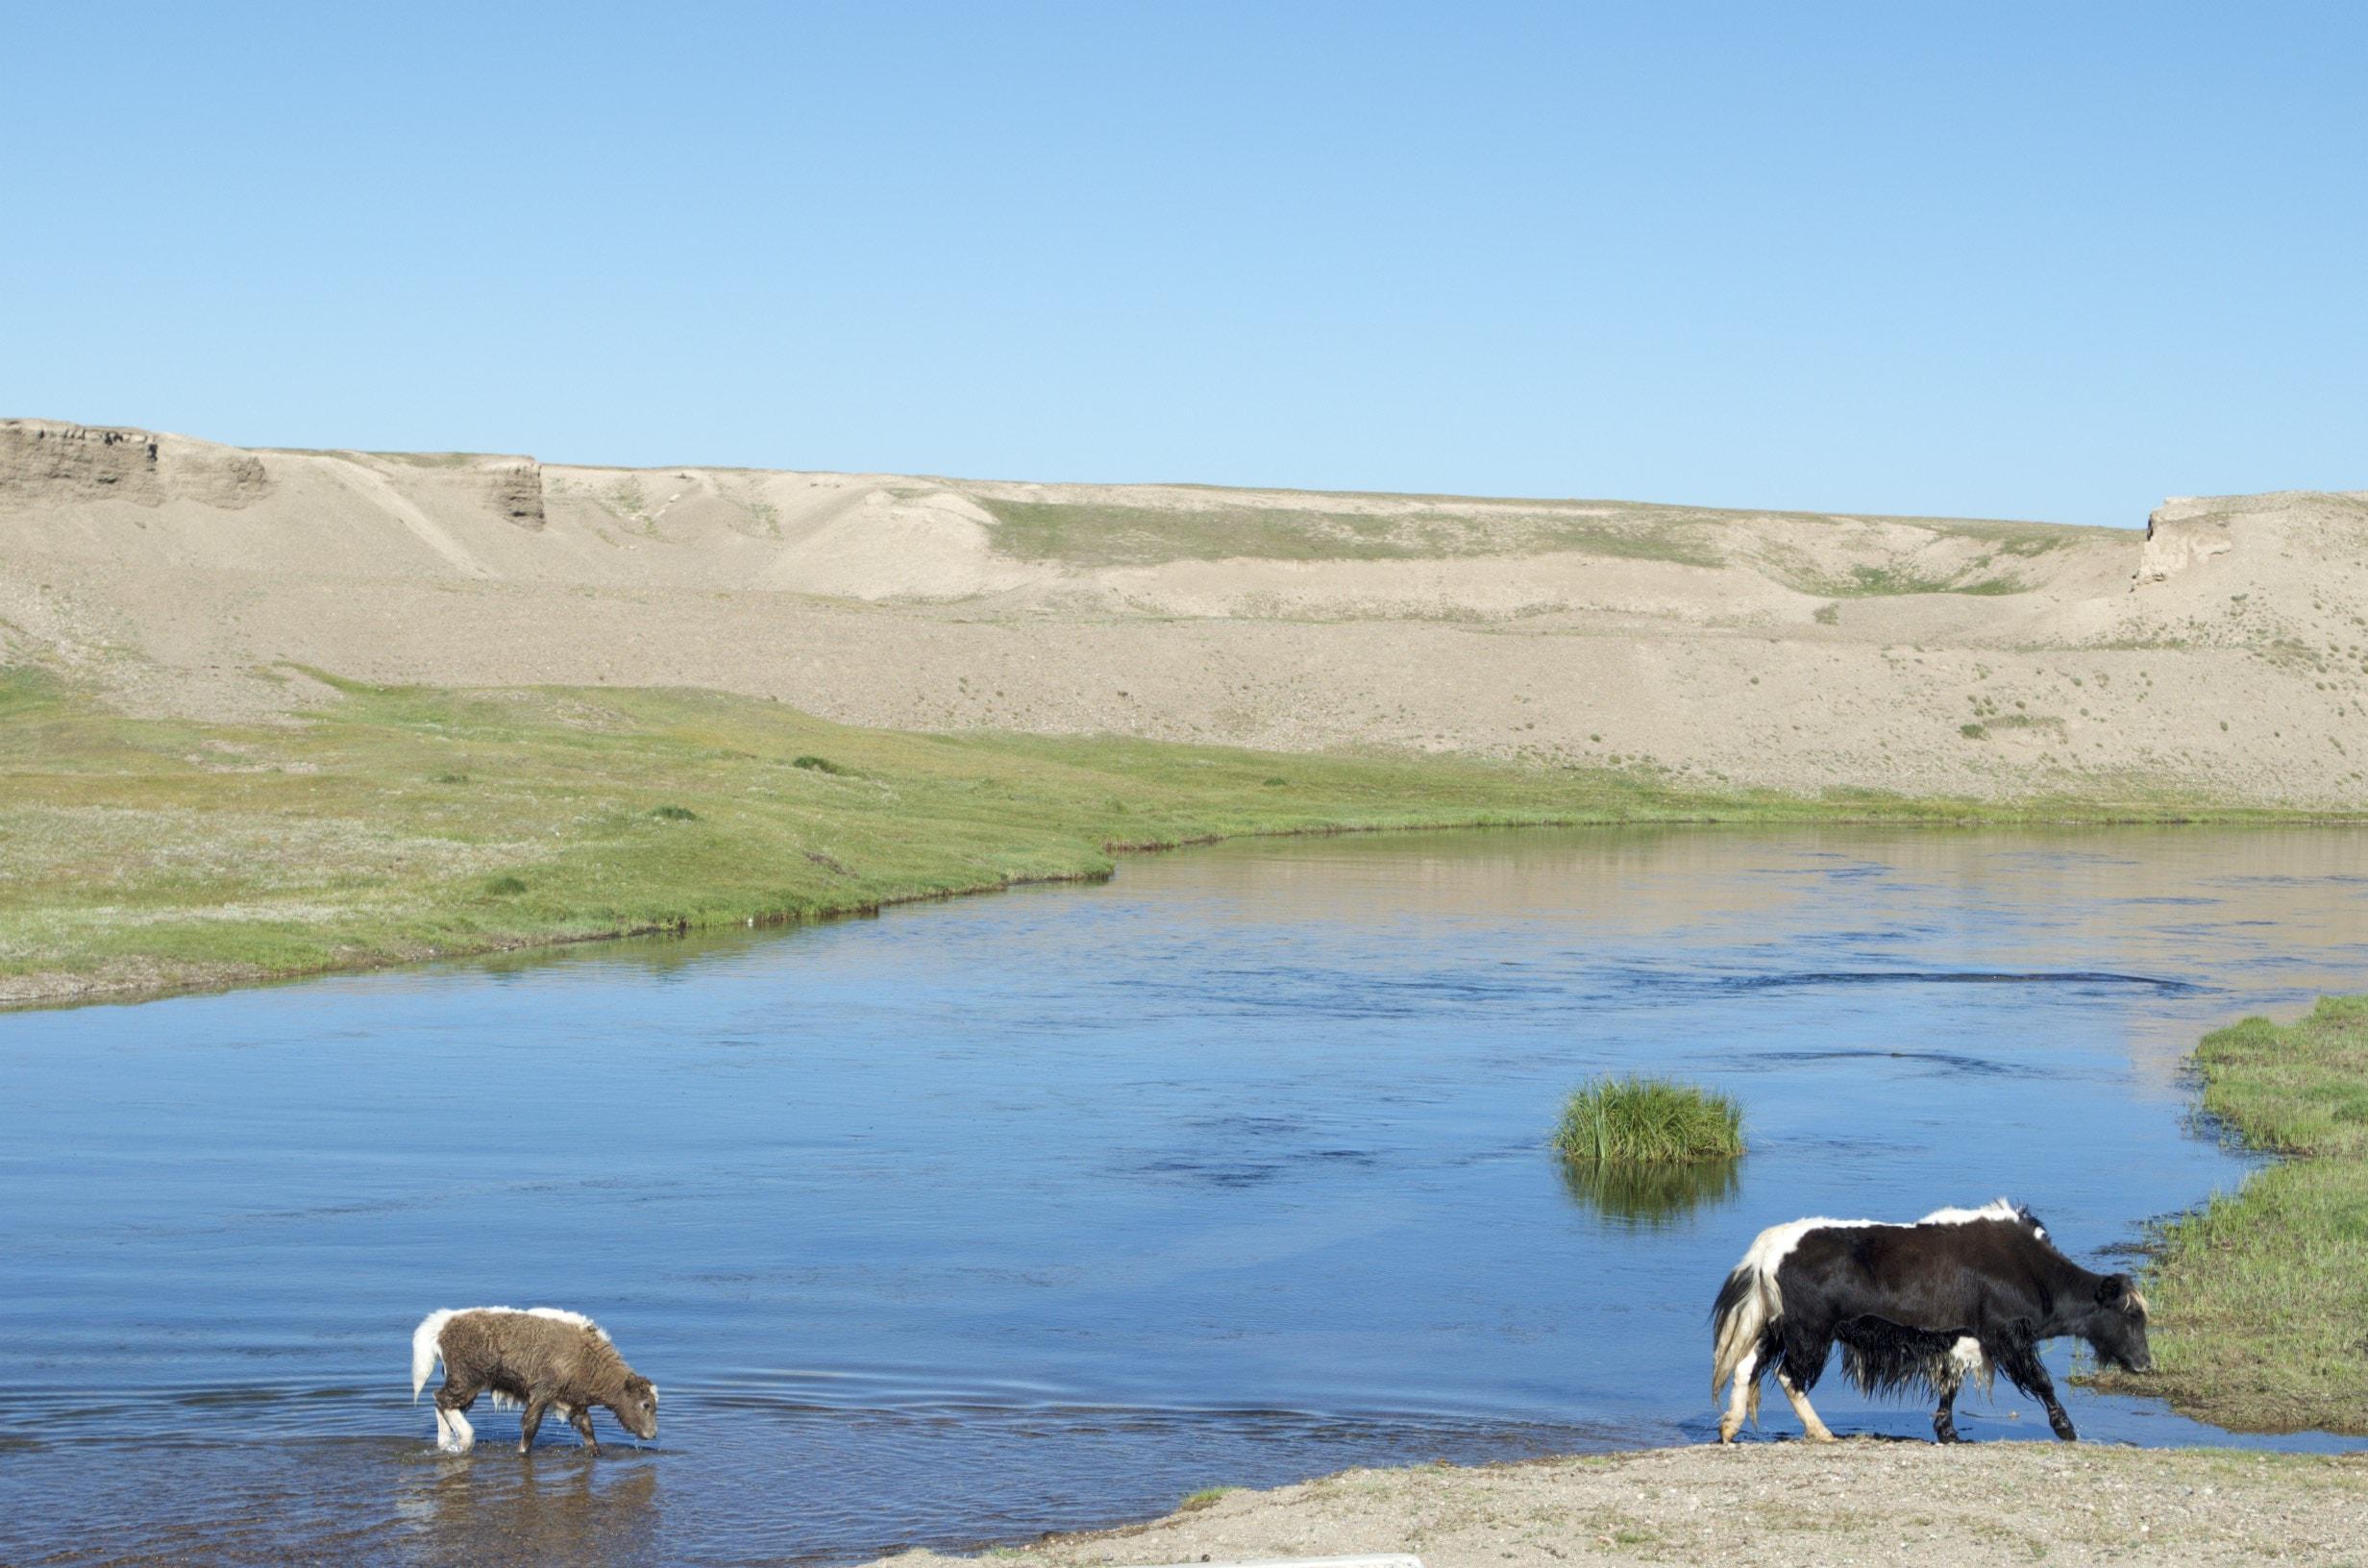 Yaks queren einen Fluss in der Nähe des Songköl